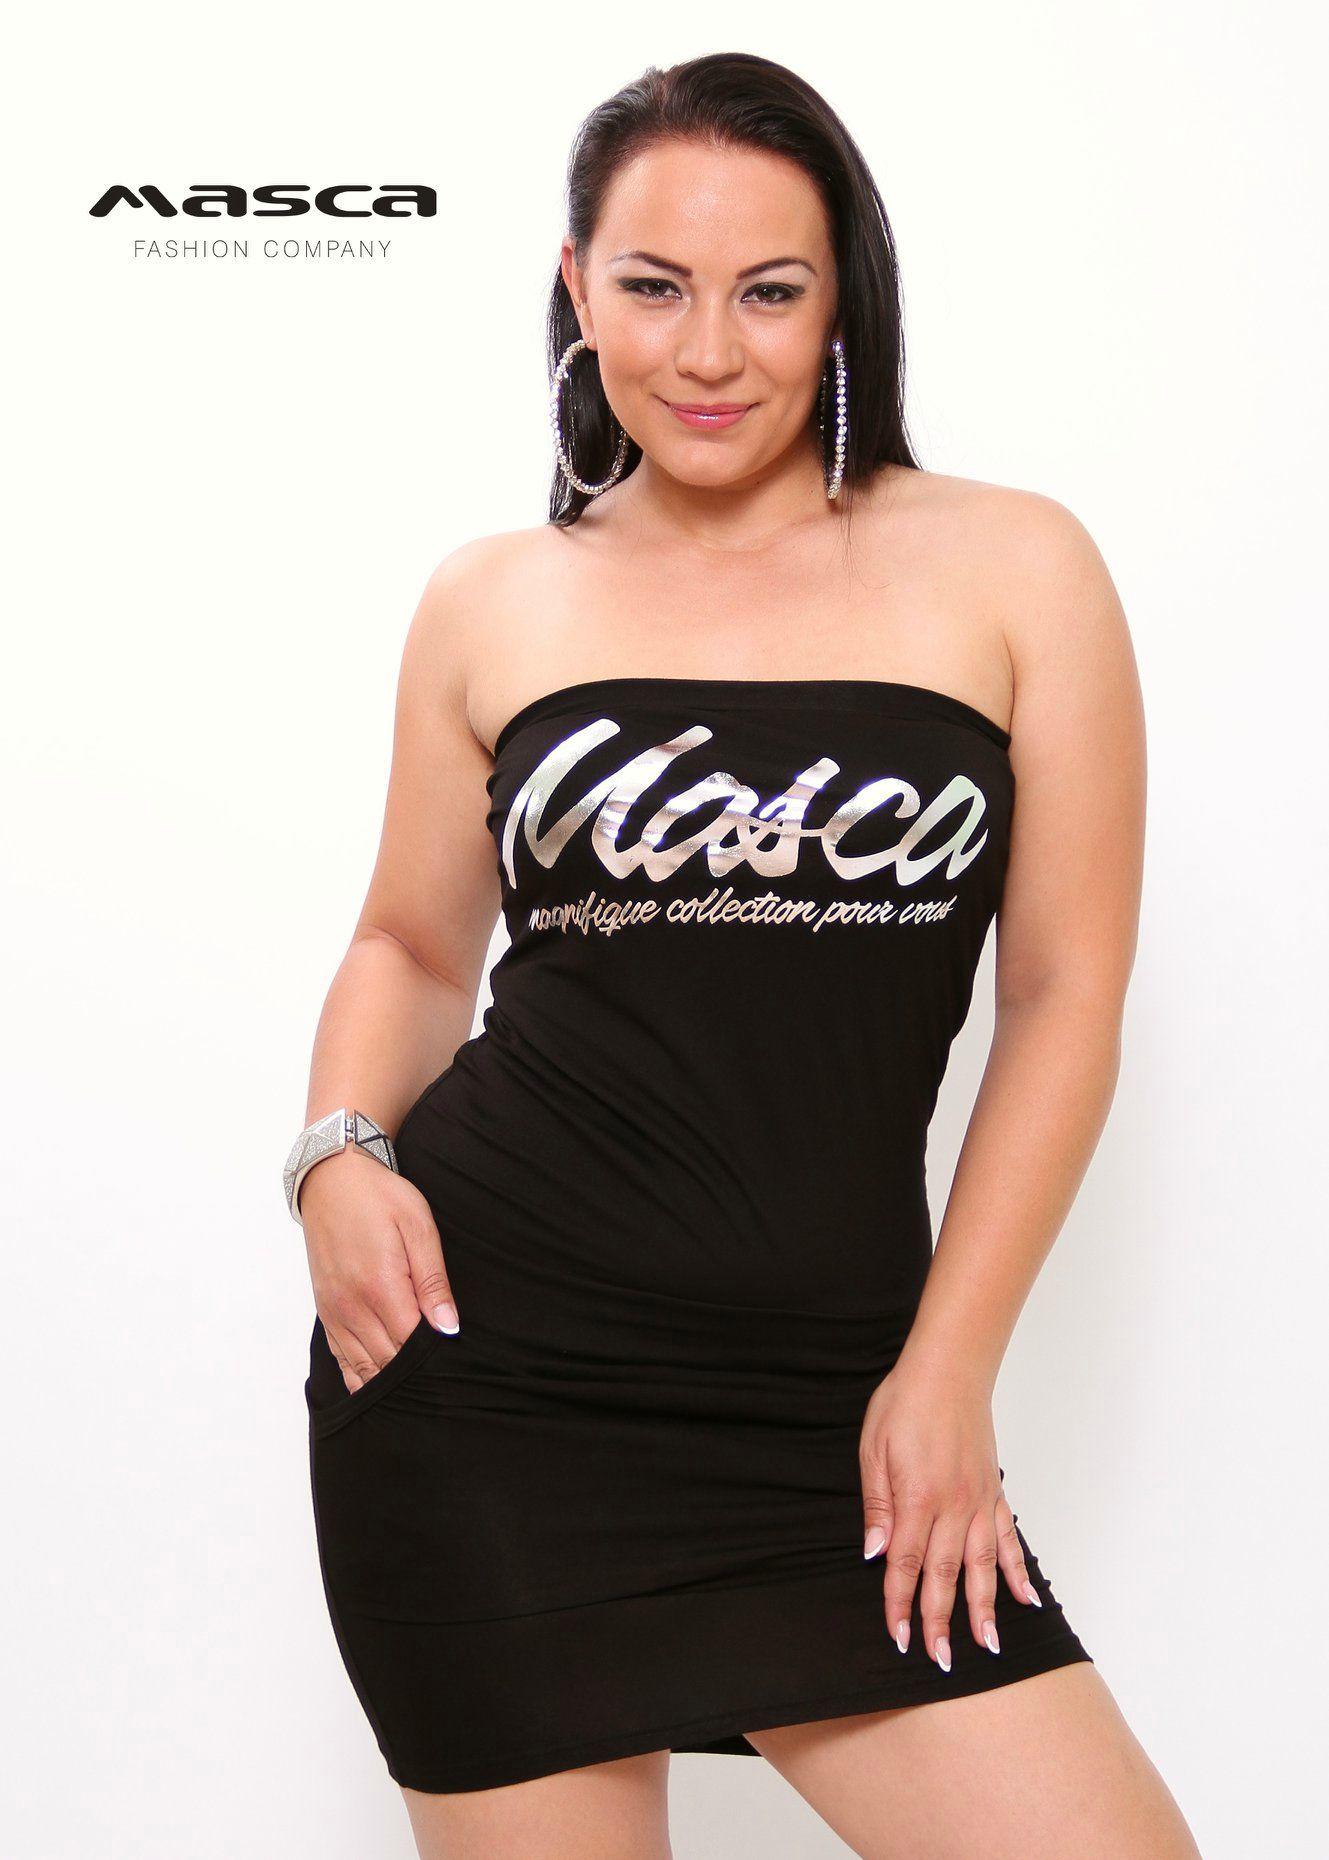 f937c877db Masca Fashion pánt nélküli zsebes fekete miniruha ezüst márkafelirattal